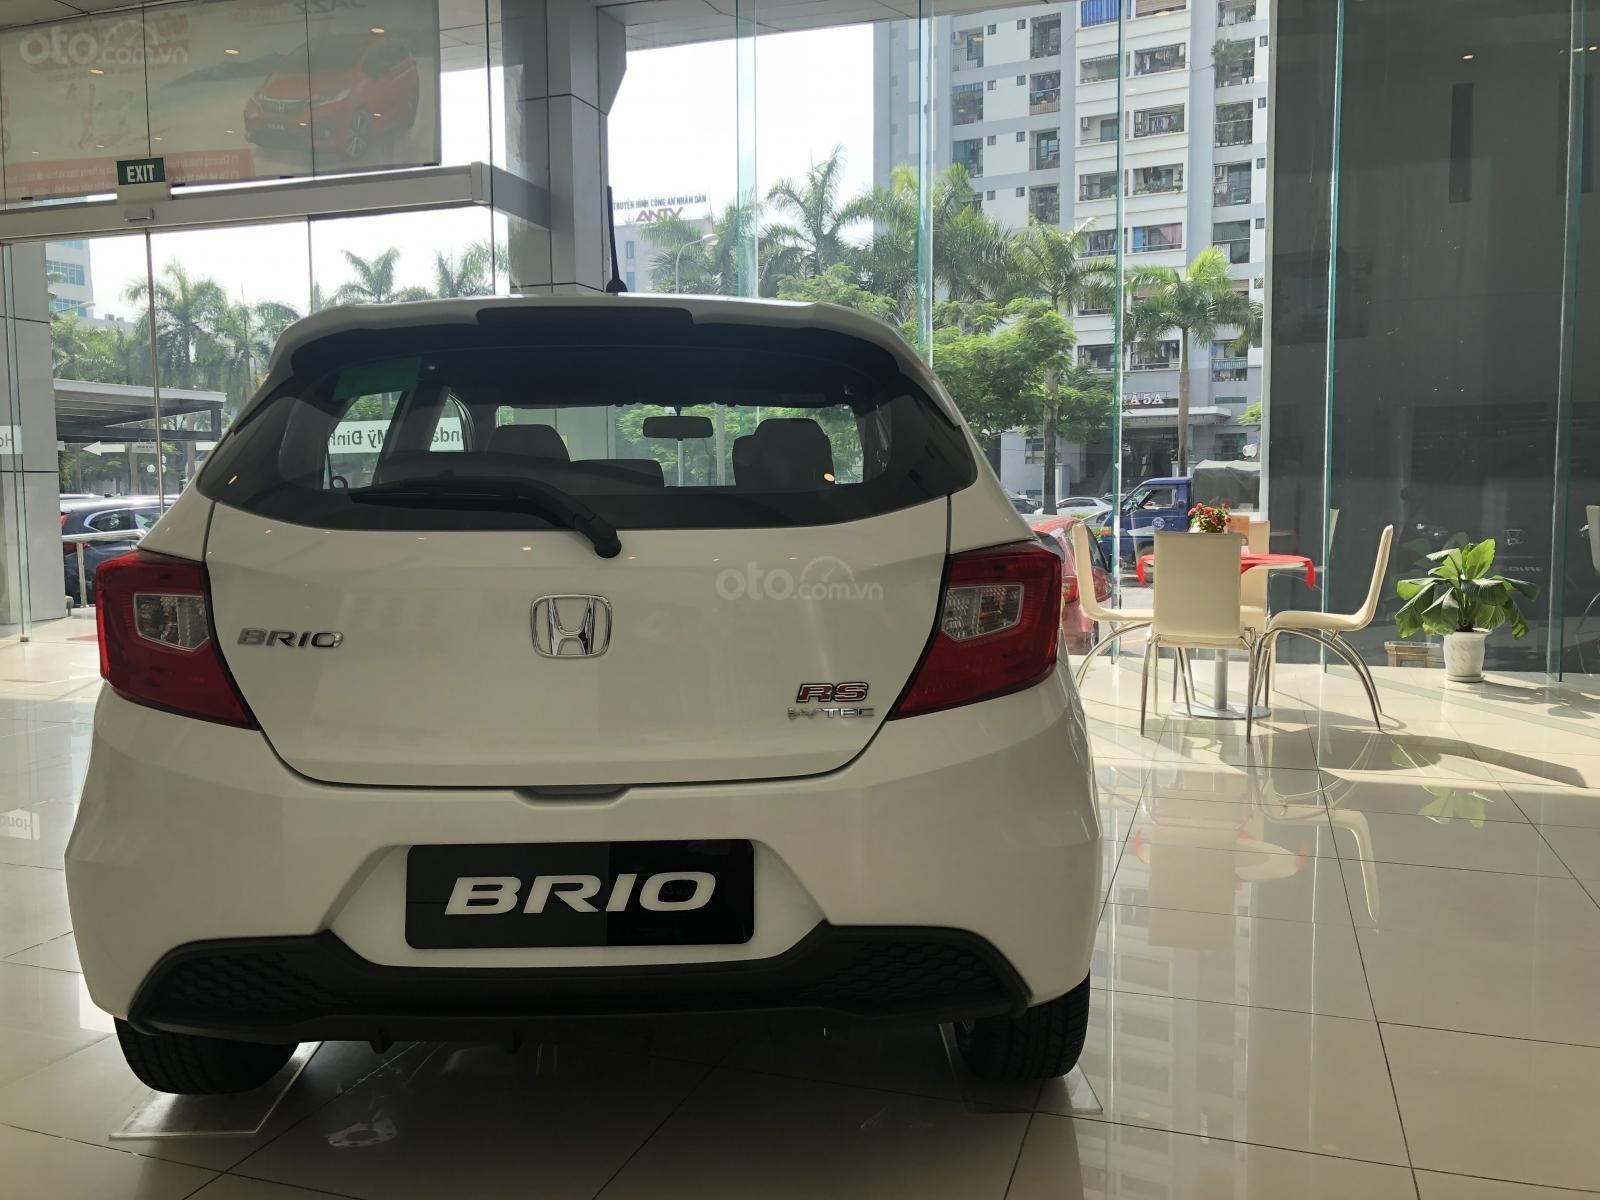 Cần bán xe Honda Brio RS đời 2019, màu trắng, xe nhập mới 100% (3)